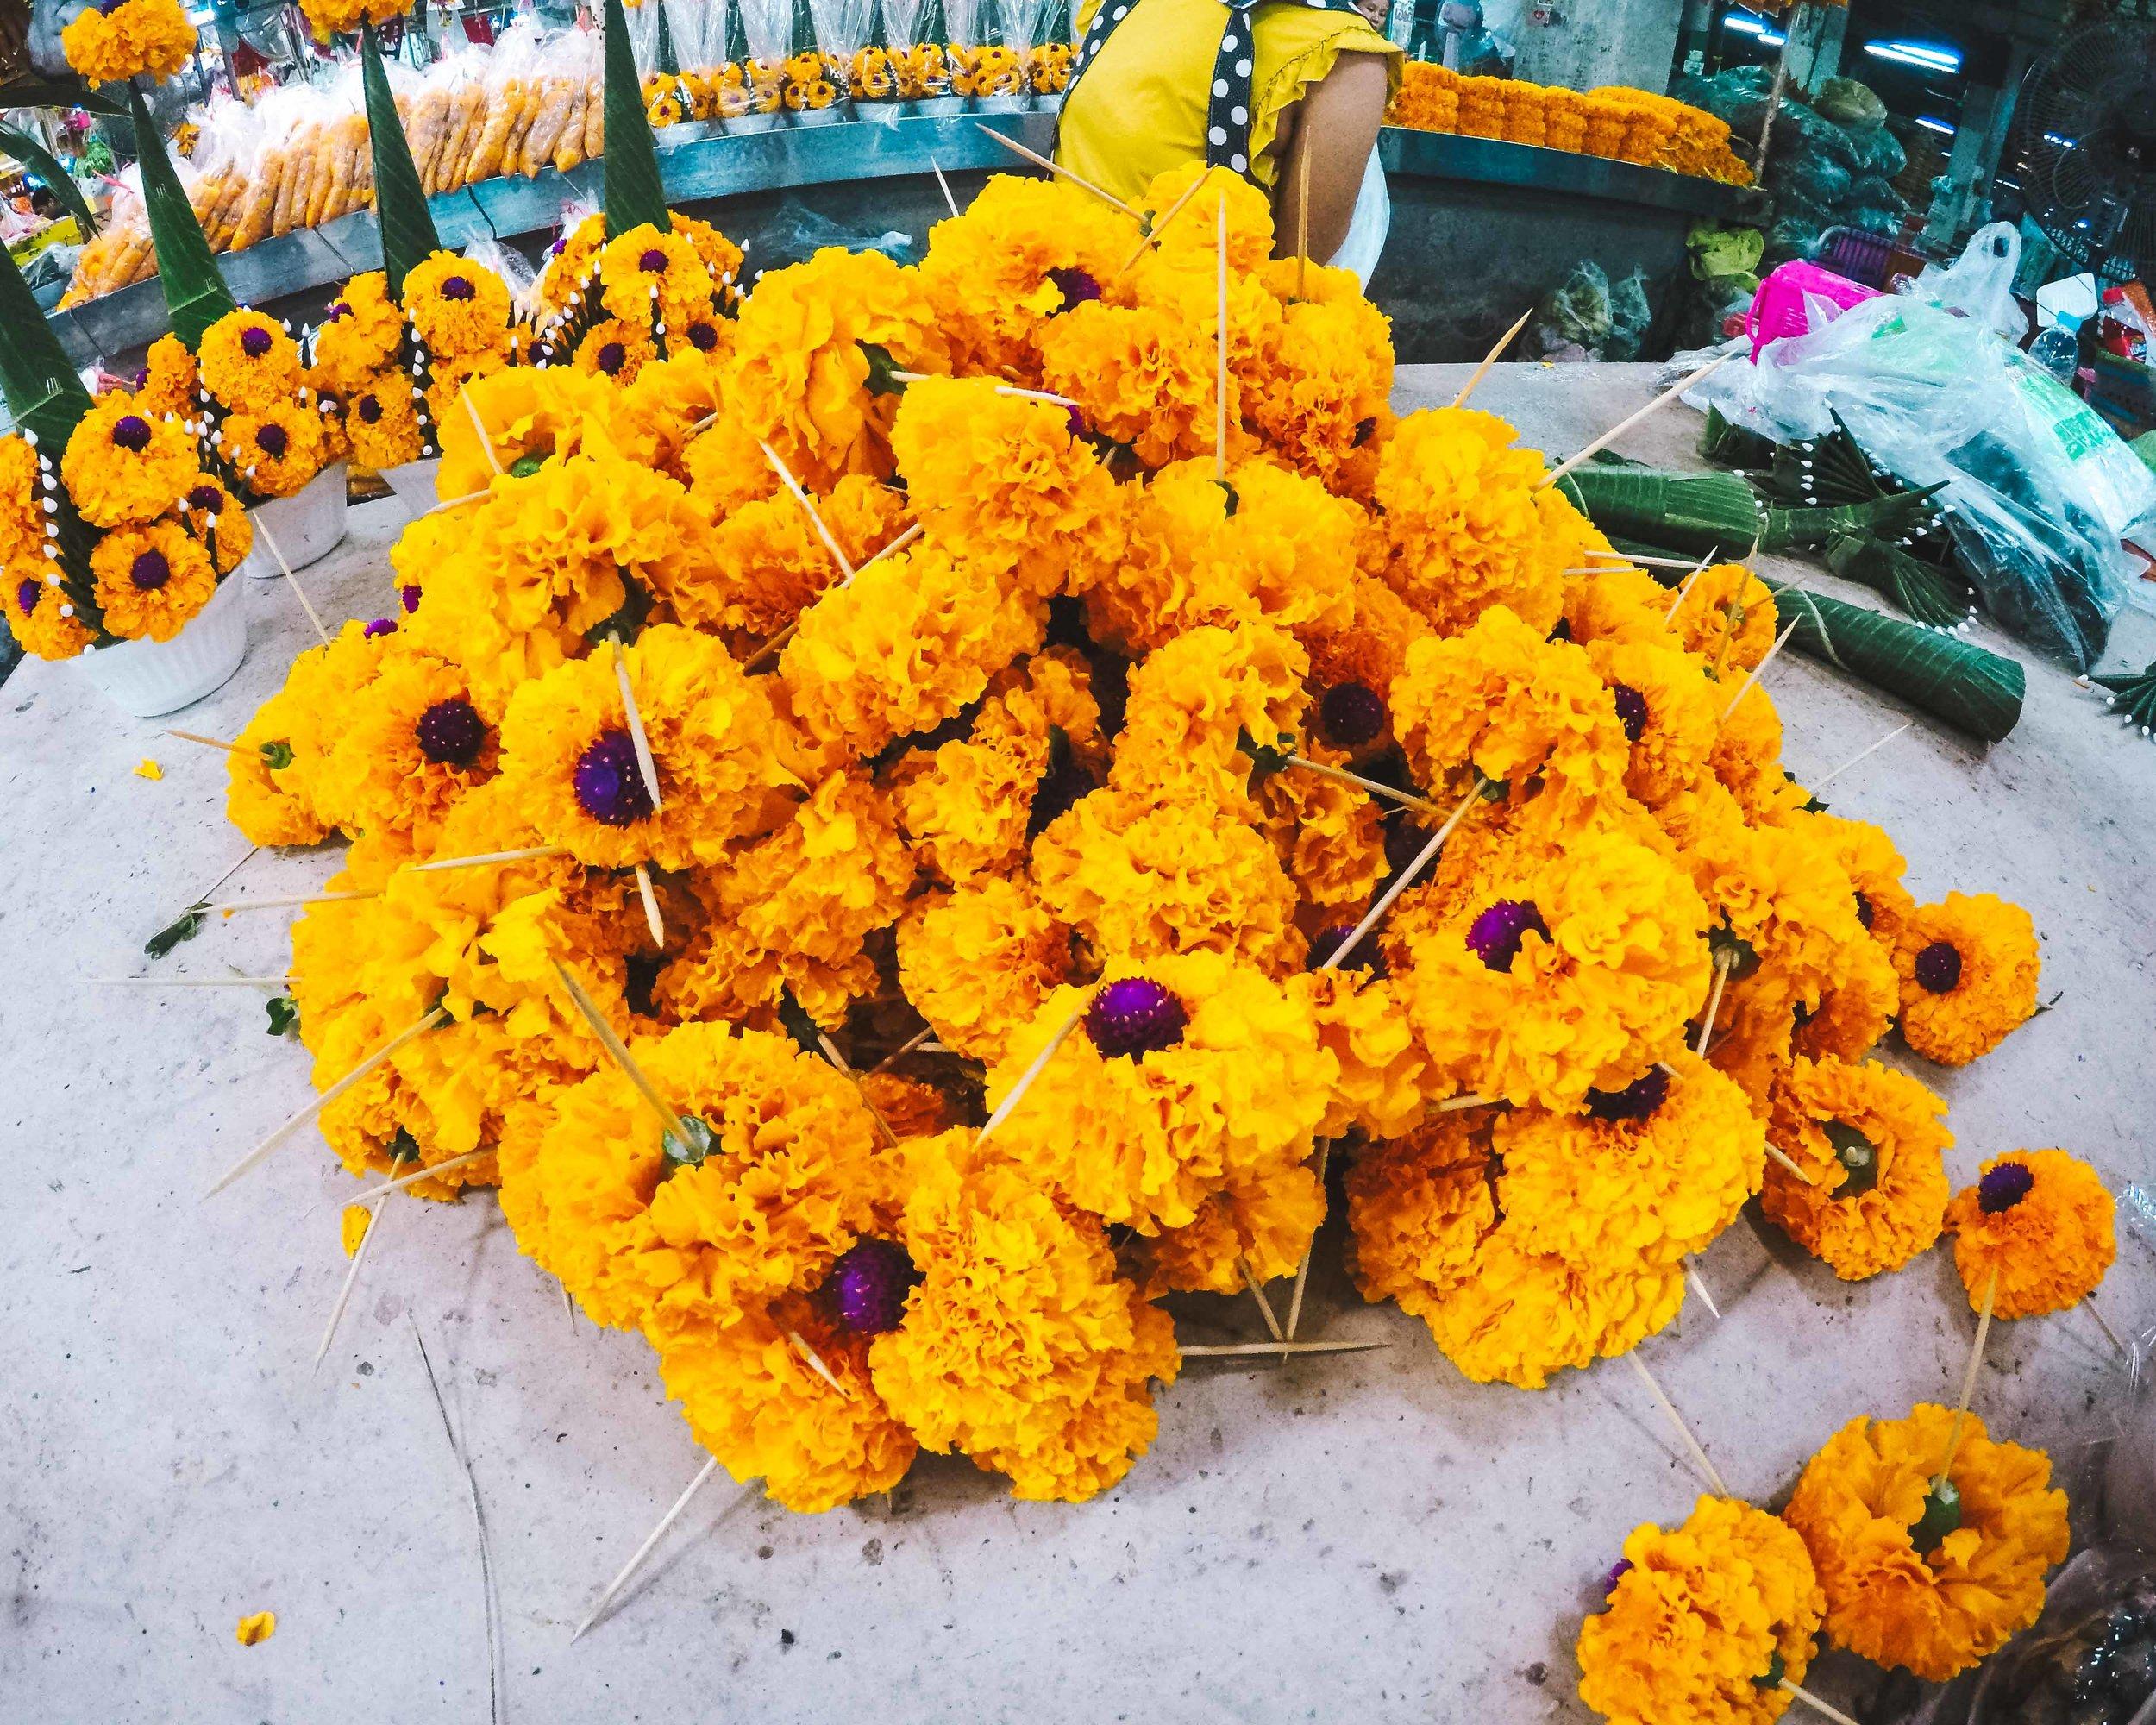 Al mercato dei fiori la notte.